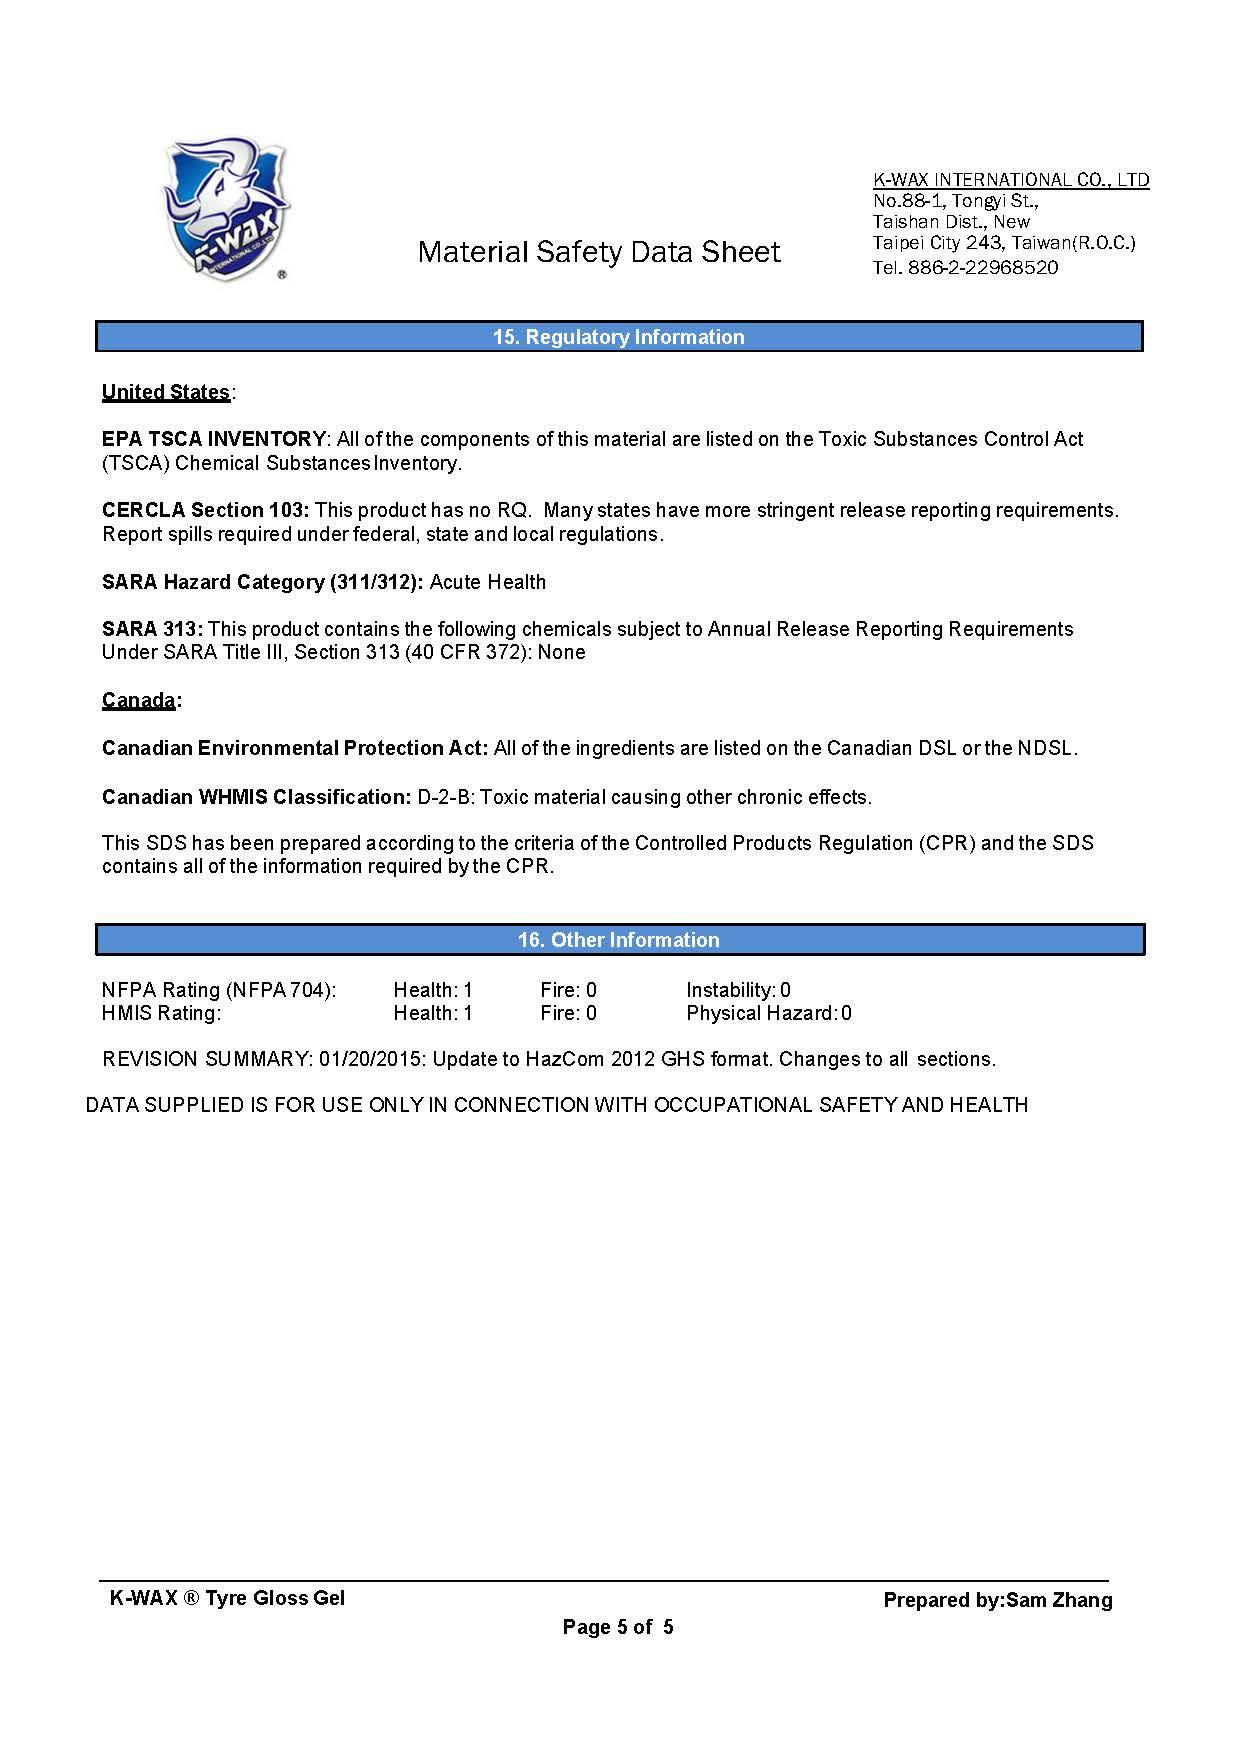 輪胎光澤劑 MSDS_页面_5.jpg